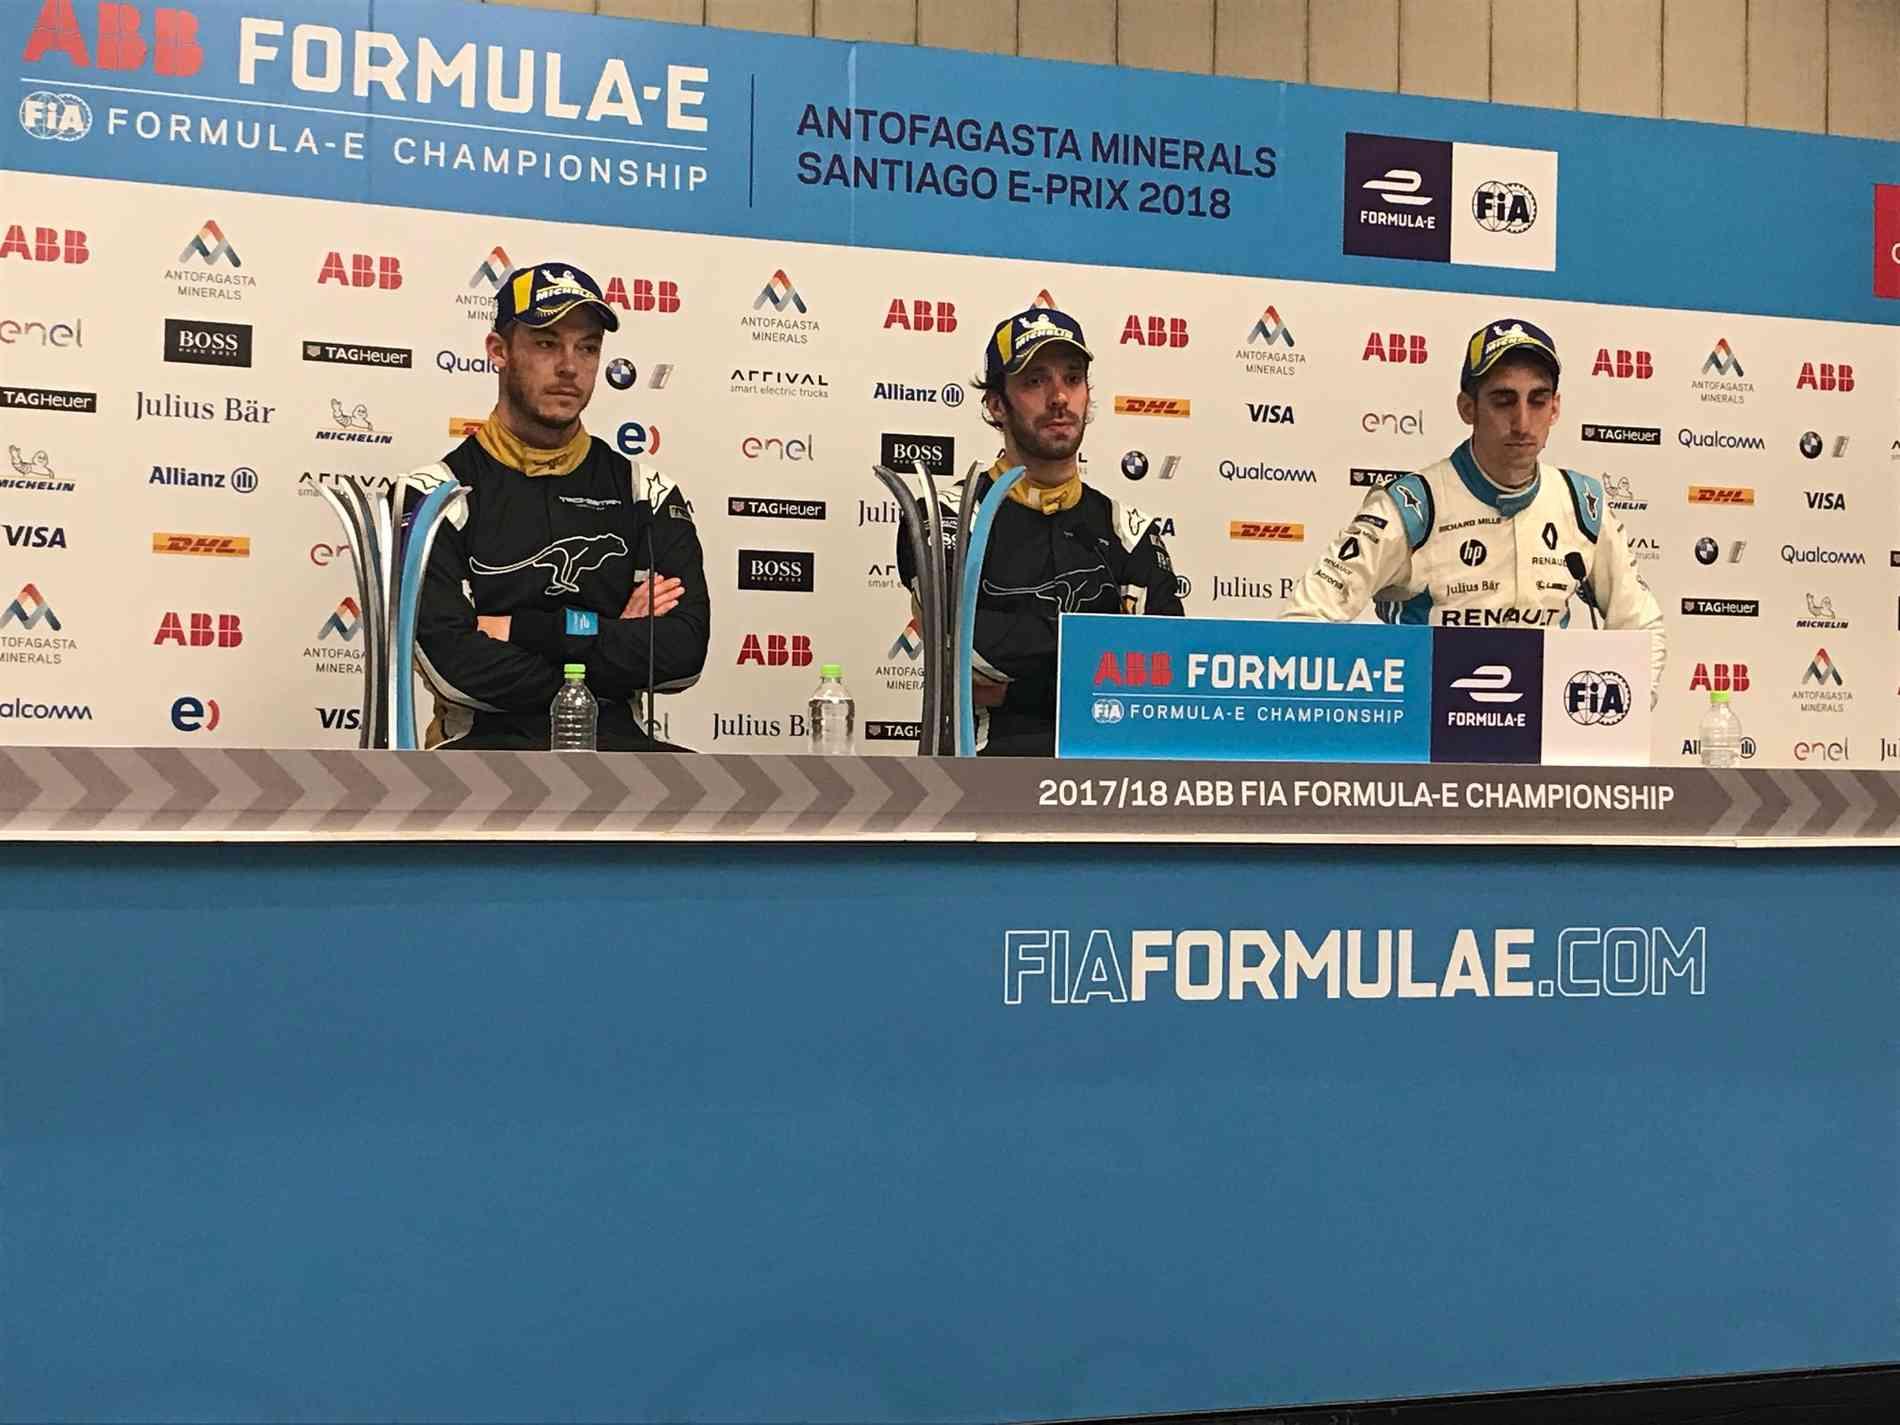 Campeões da 4ª Rodada da Fórmula E, no Chile  - Clayton Sousa/ Vrum Brasília